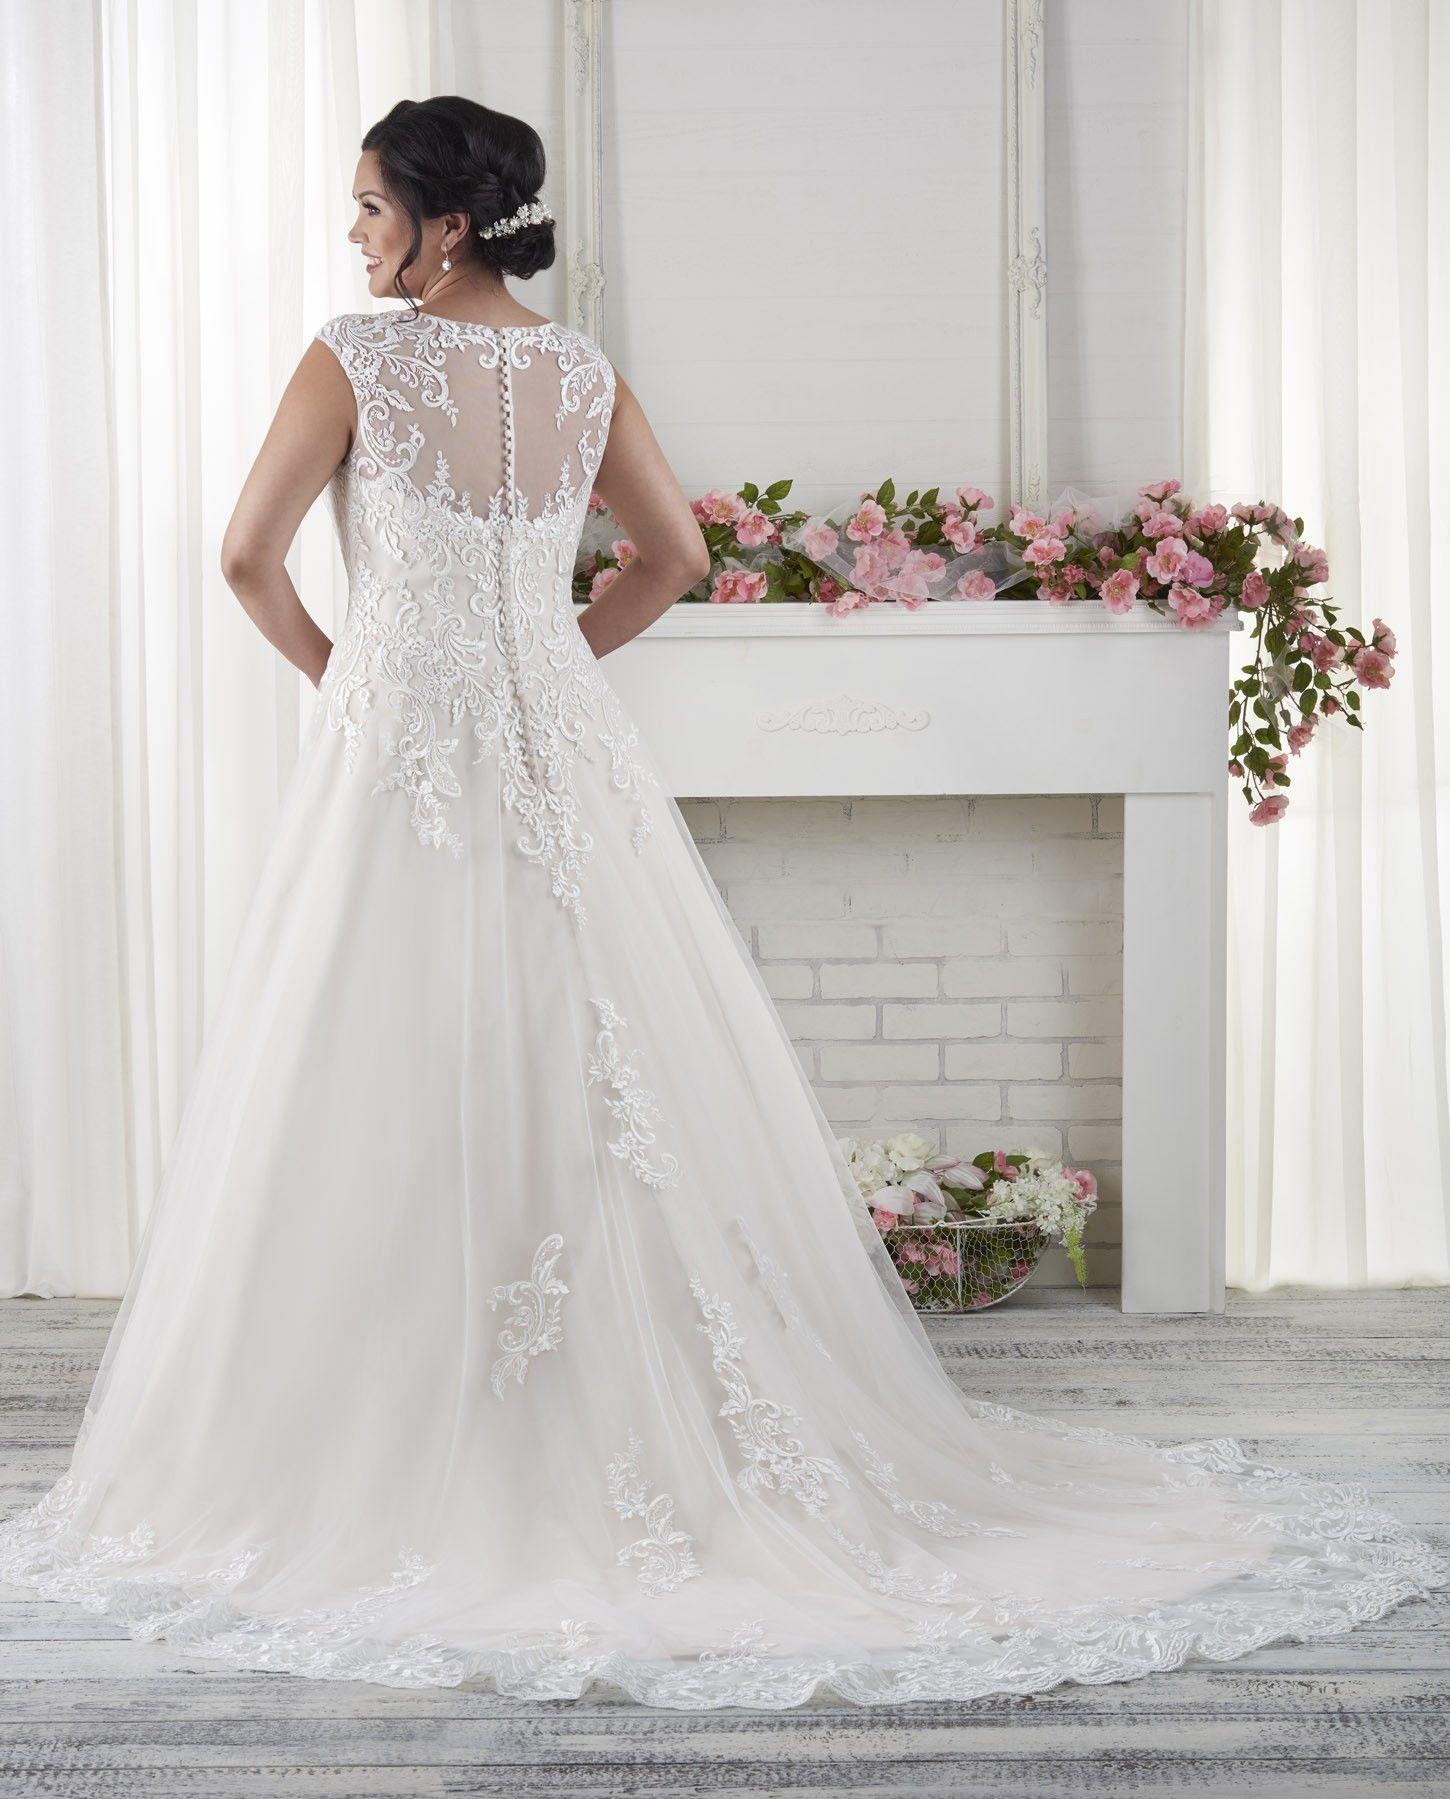 Bonny Wedding Dresses Style 1621 Bonny bridal, Bonny